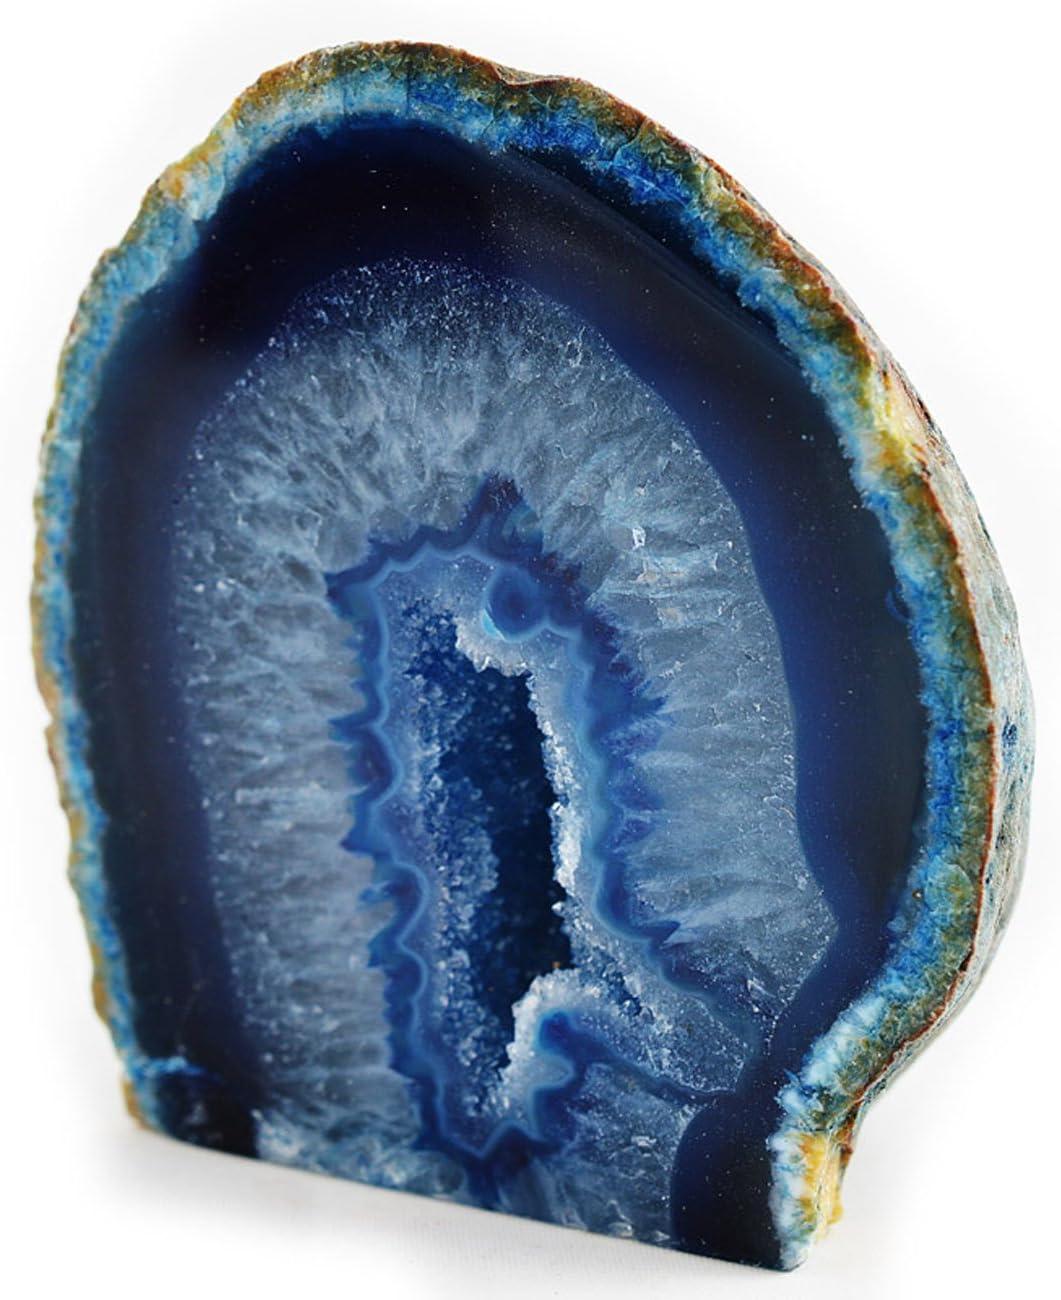 Ágata Geodo - de Color Azul